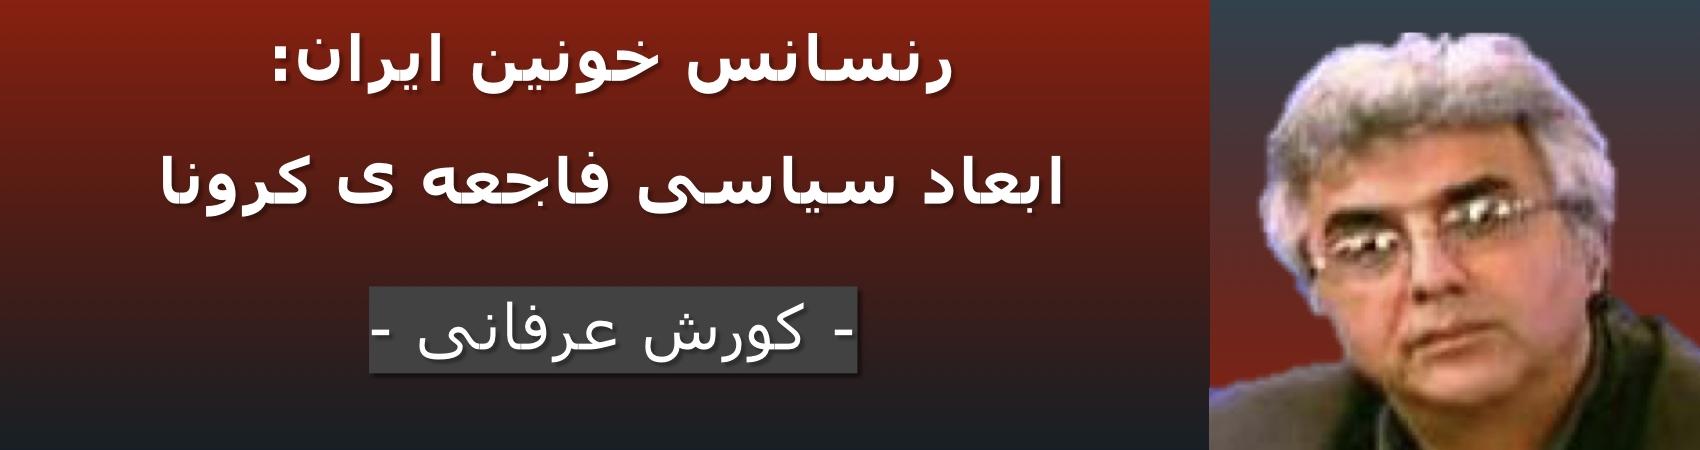 رنسانس خونین ایران: ابعاد سیاسی فاجعه ی کرونا